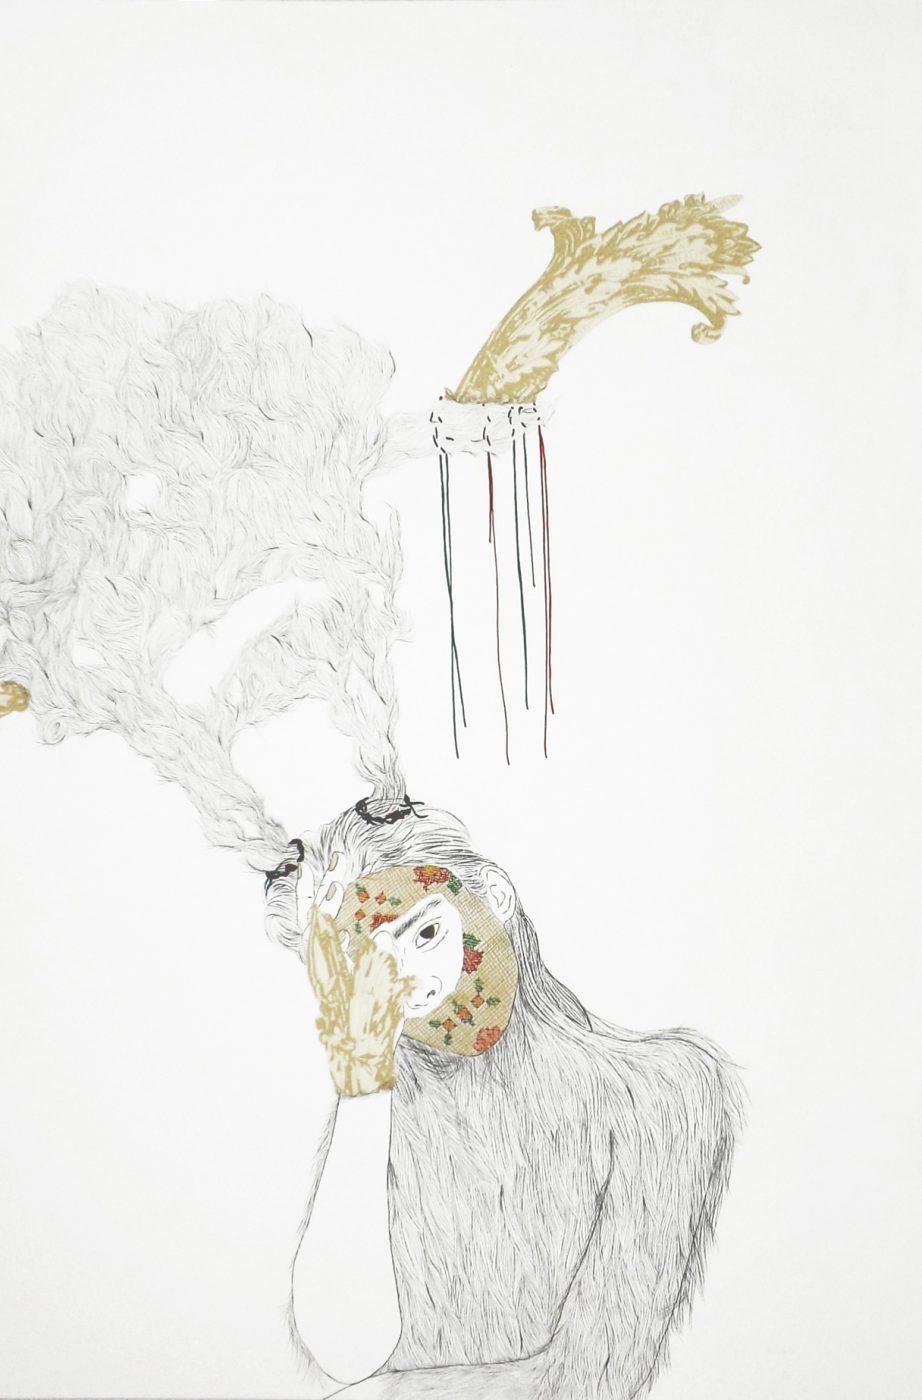 Ursul/Osa, 65x50cms, Técnica mixta sobre papel, 2016.